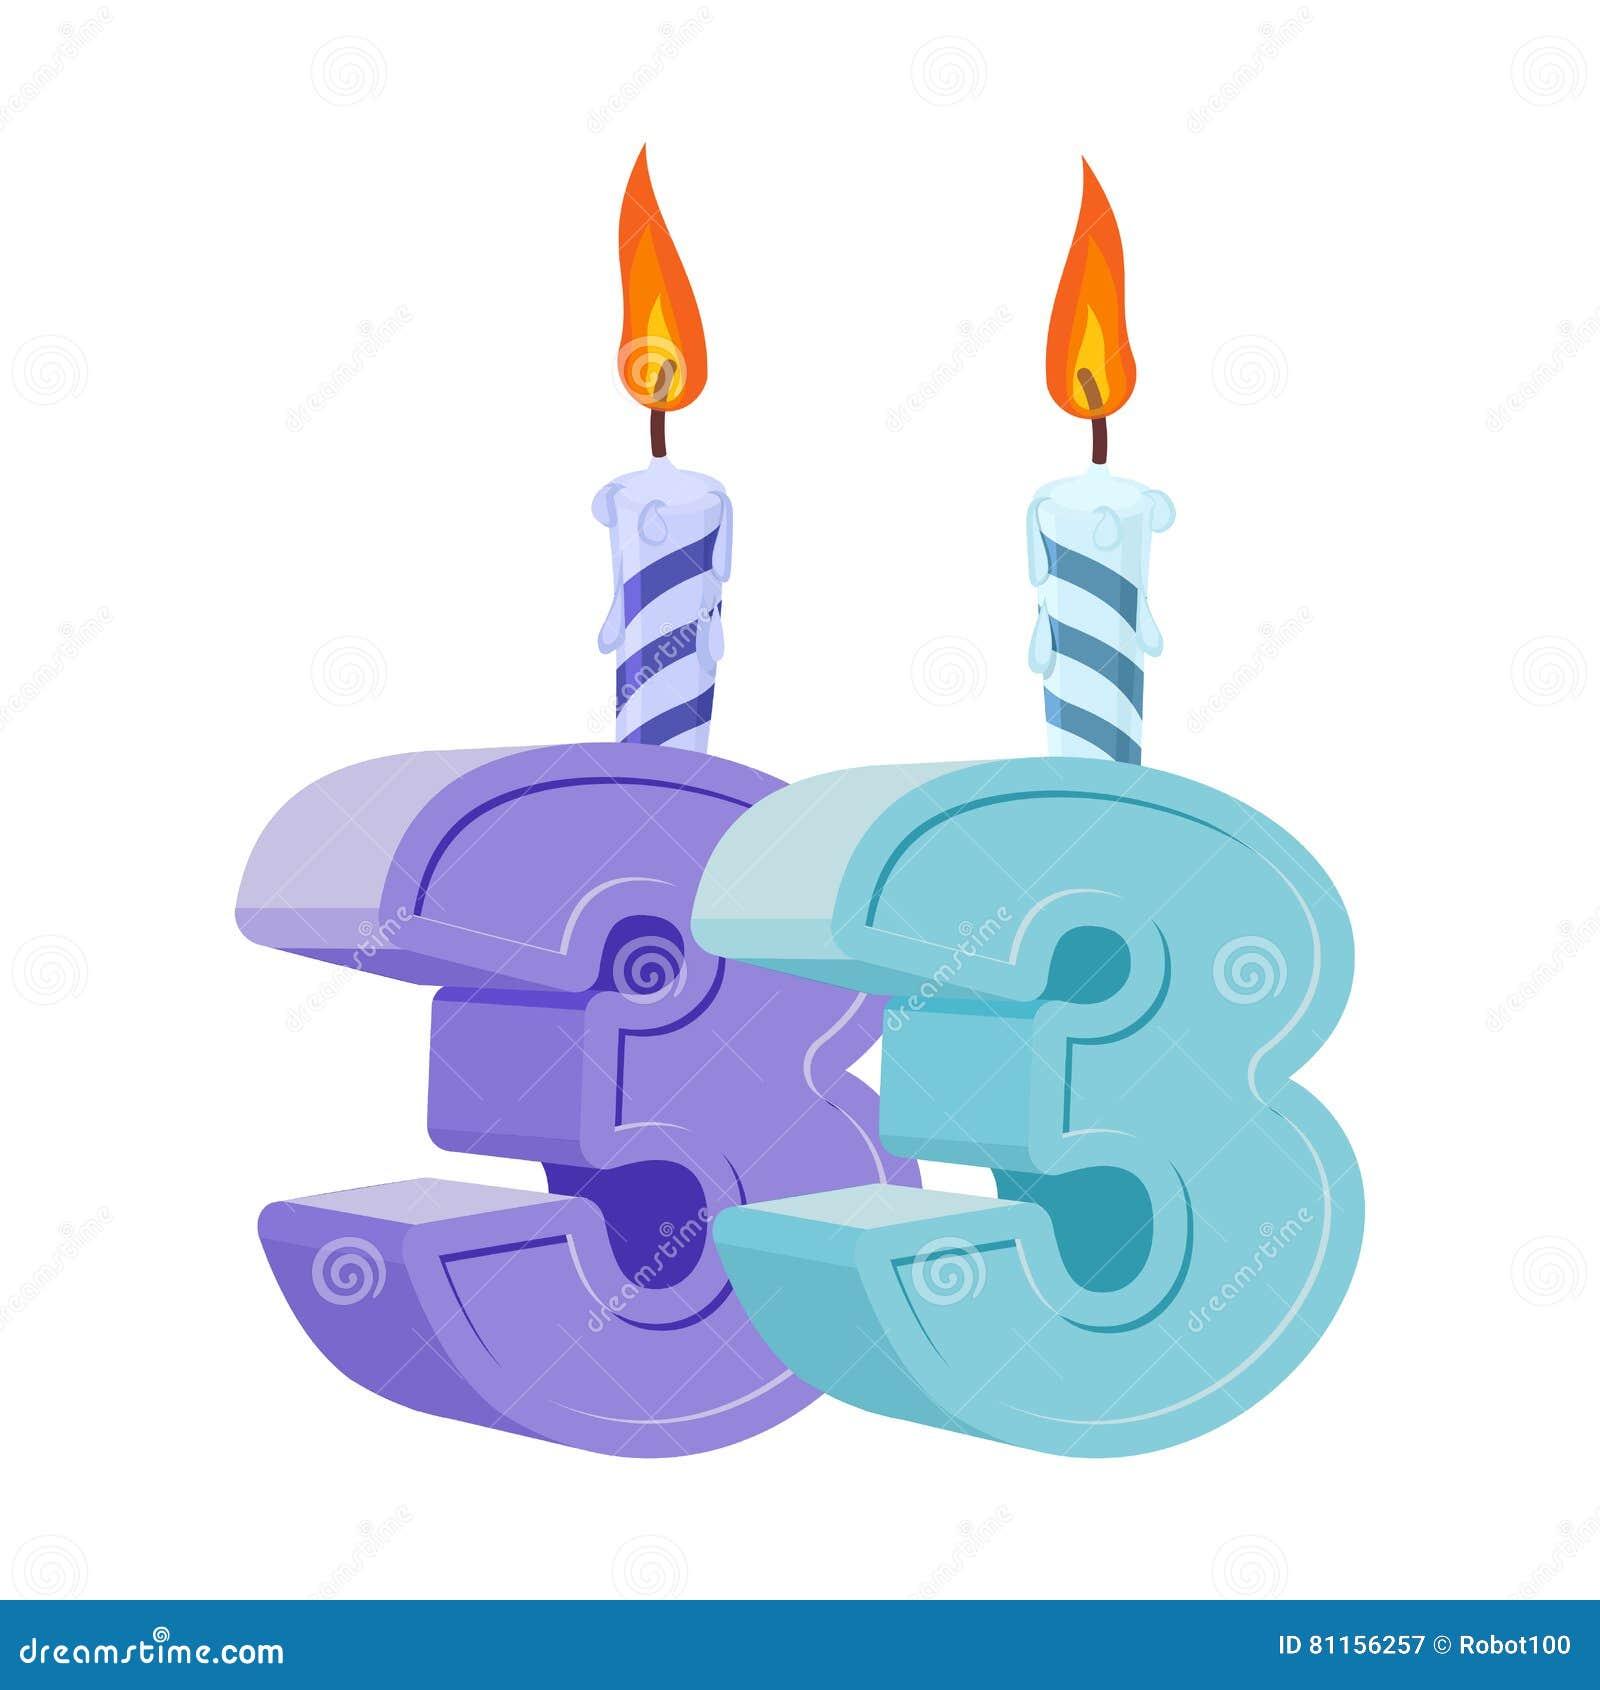 33 Jaar Verjaardags Aantal Met Feestelijke Kaars Voor Vakantiecake